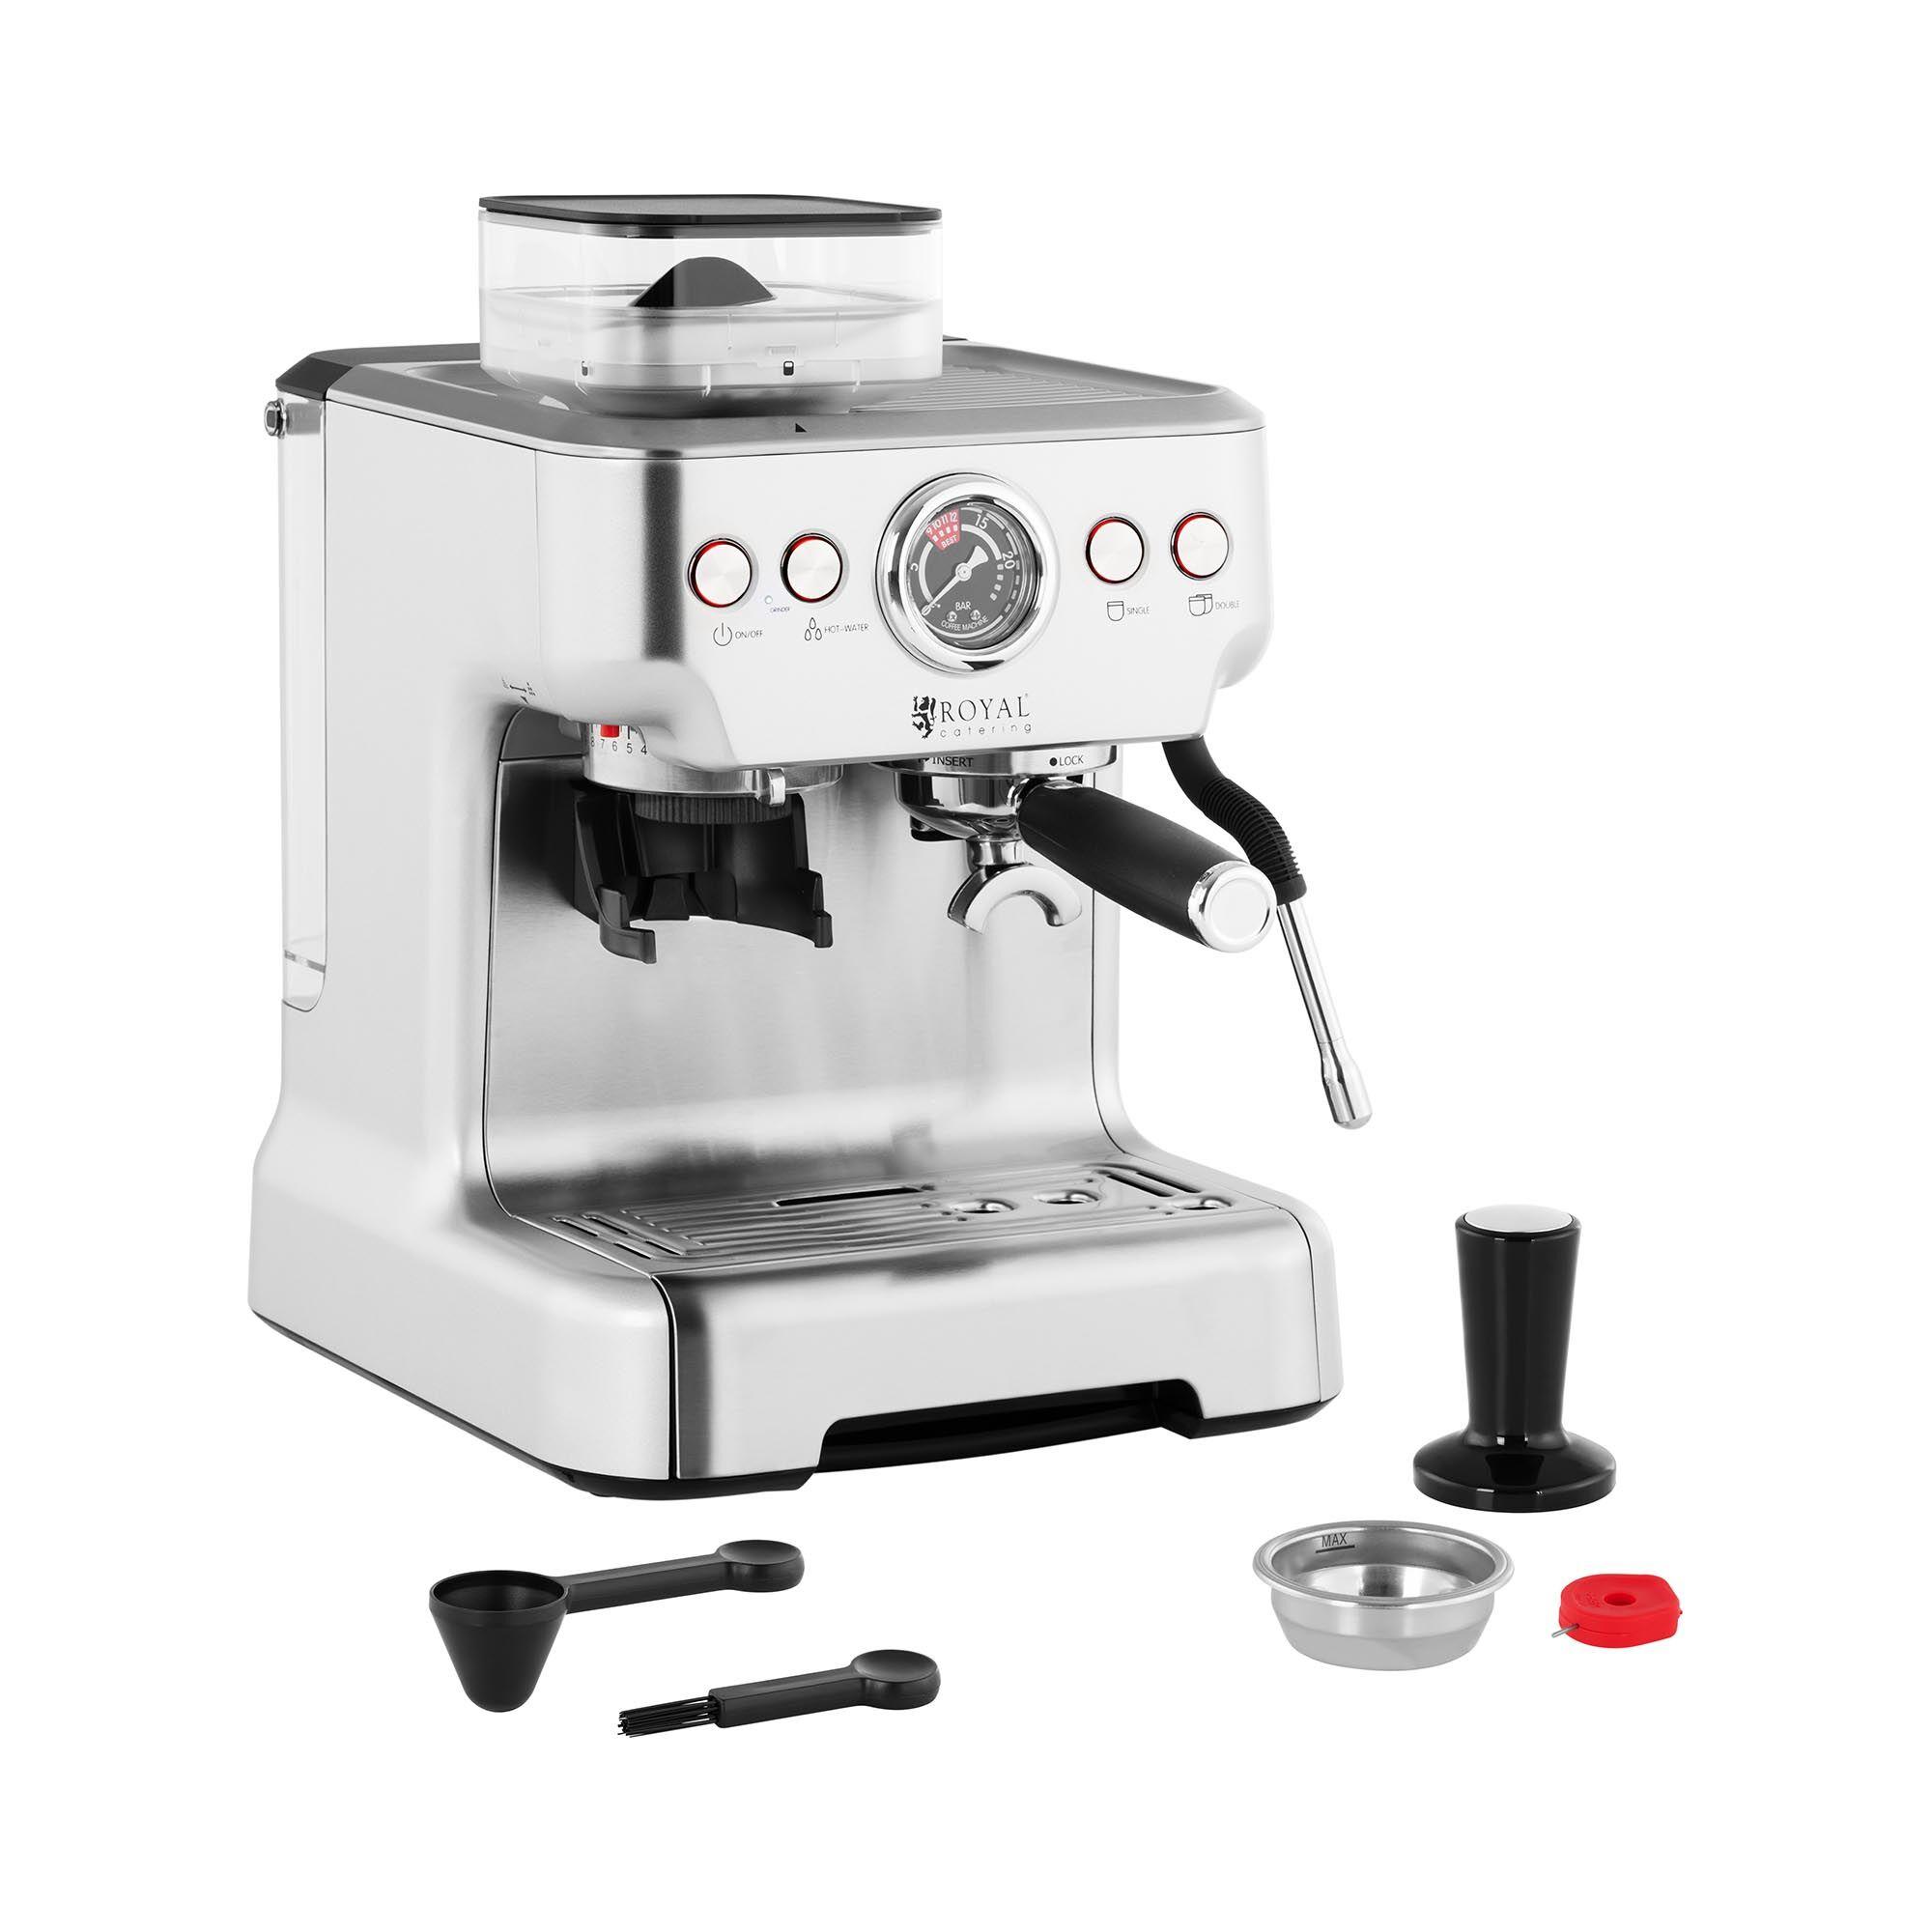 royal catering macchina caffè espresso - 20 bar - lcd - serbatoio acqua di 2,5 l - per uso professionale